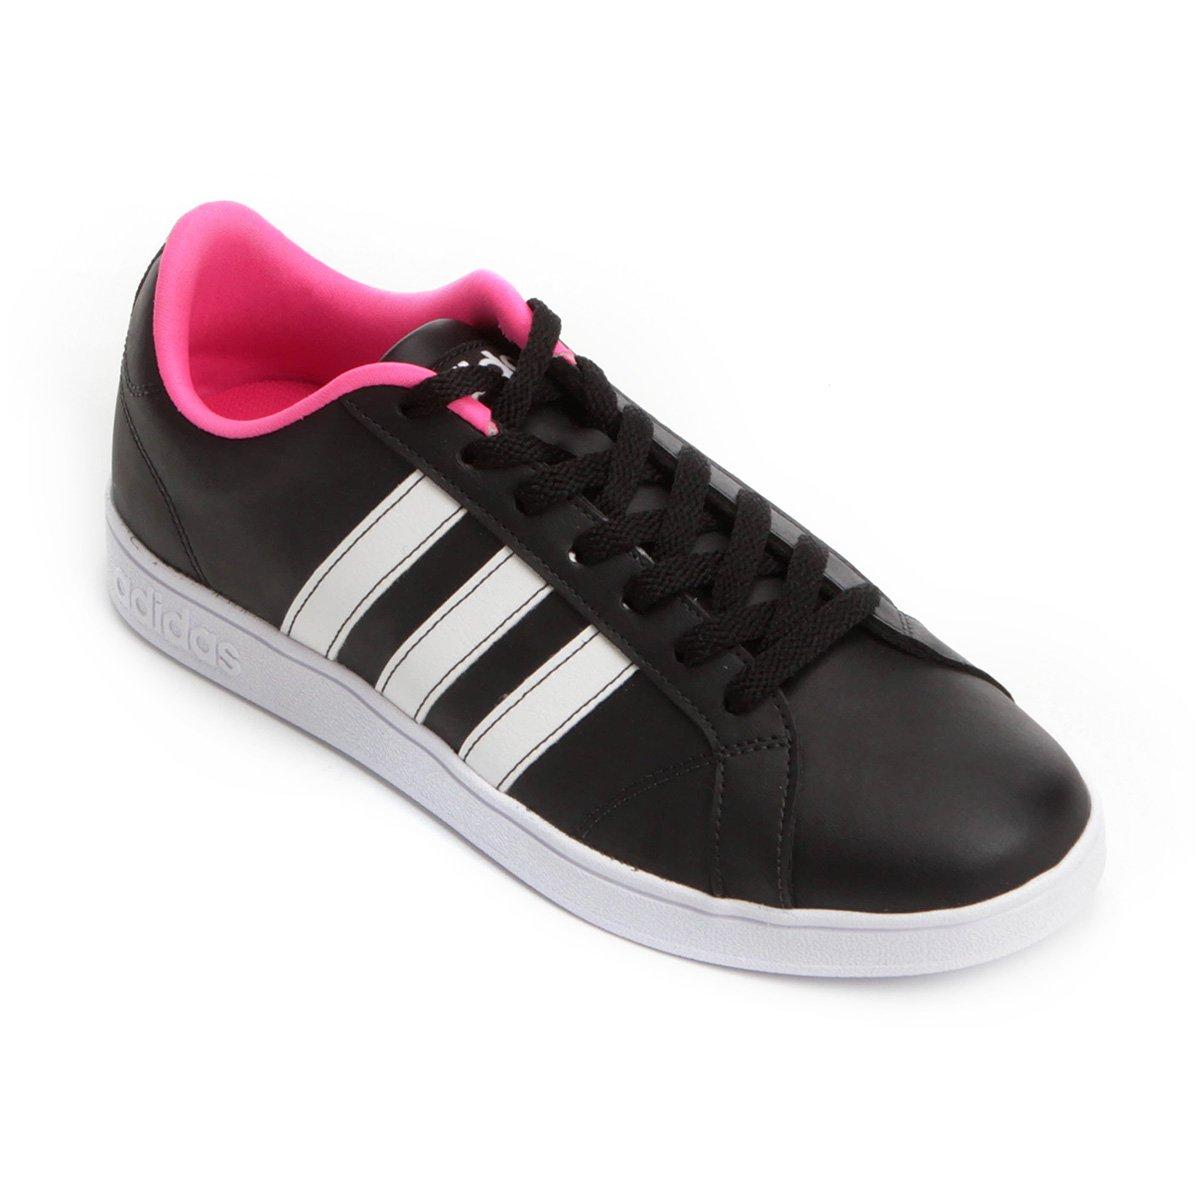 60df283477 Tênis Adidas Vs Advantage Feminino - Preto - Compre Agora